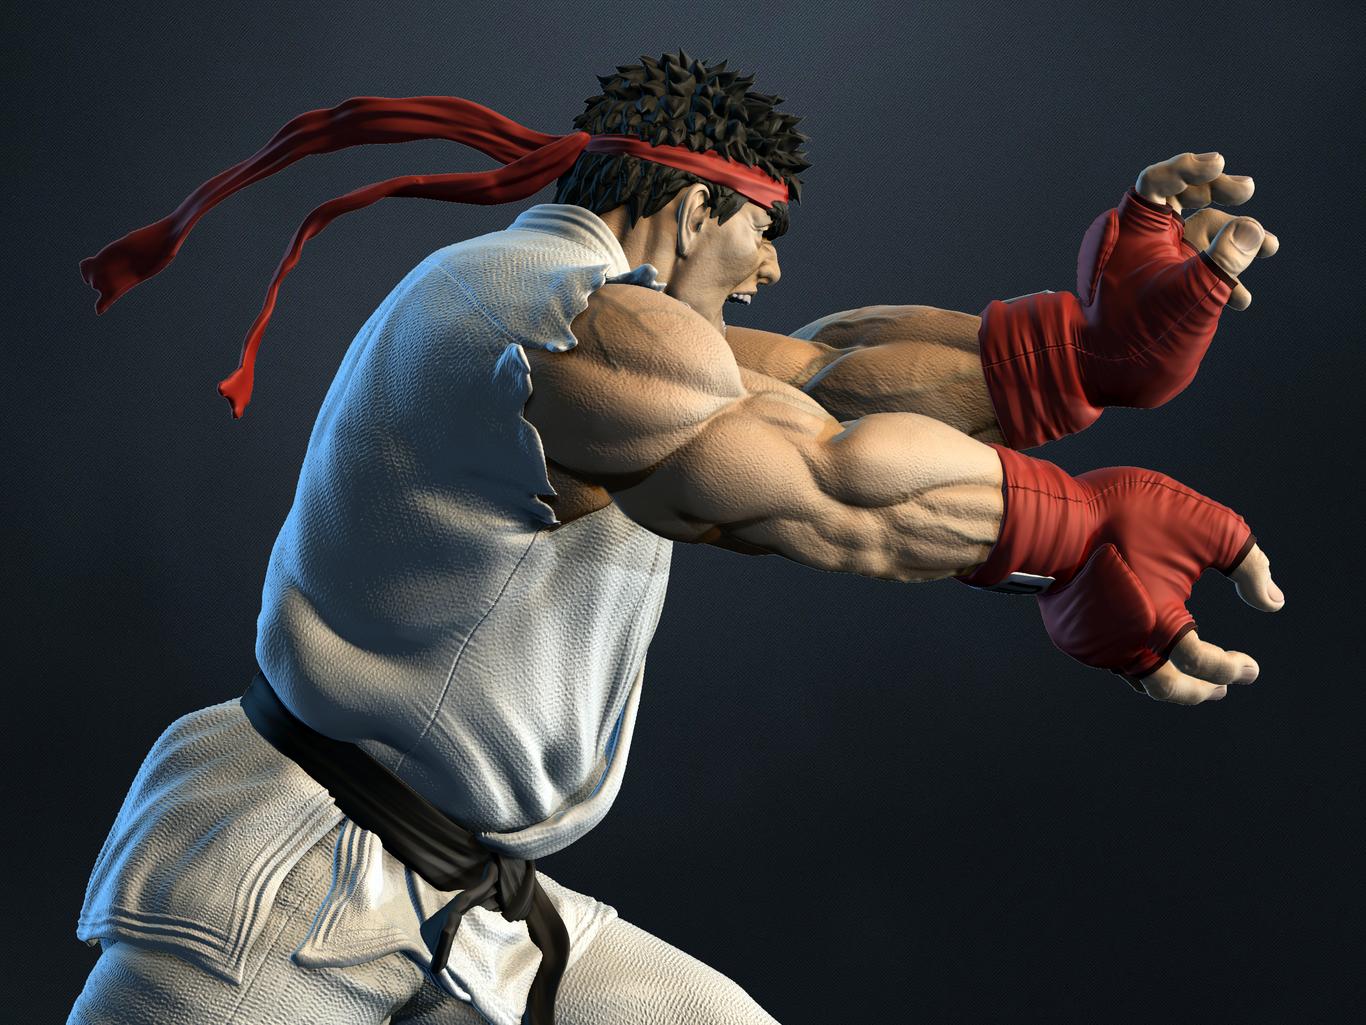 Fanart Ryu Street Fighter By Pana 3d Fan Art 3d Cgsociety